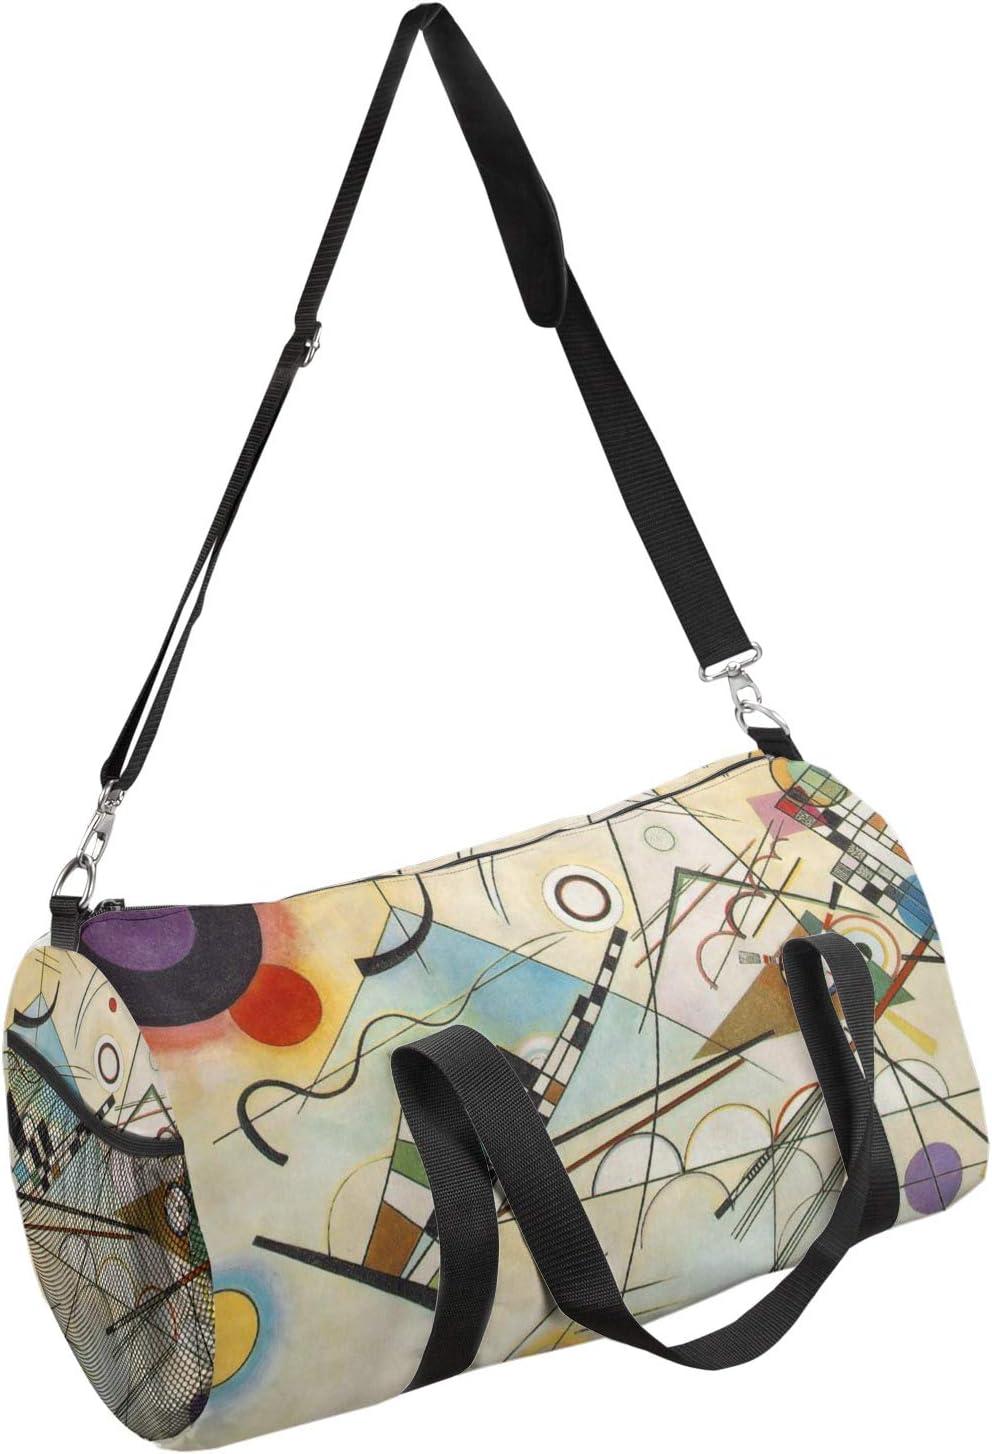 YouCustomizeIt Kandinsky Composition 8 Duffel Bag